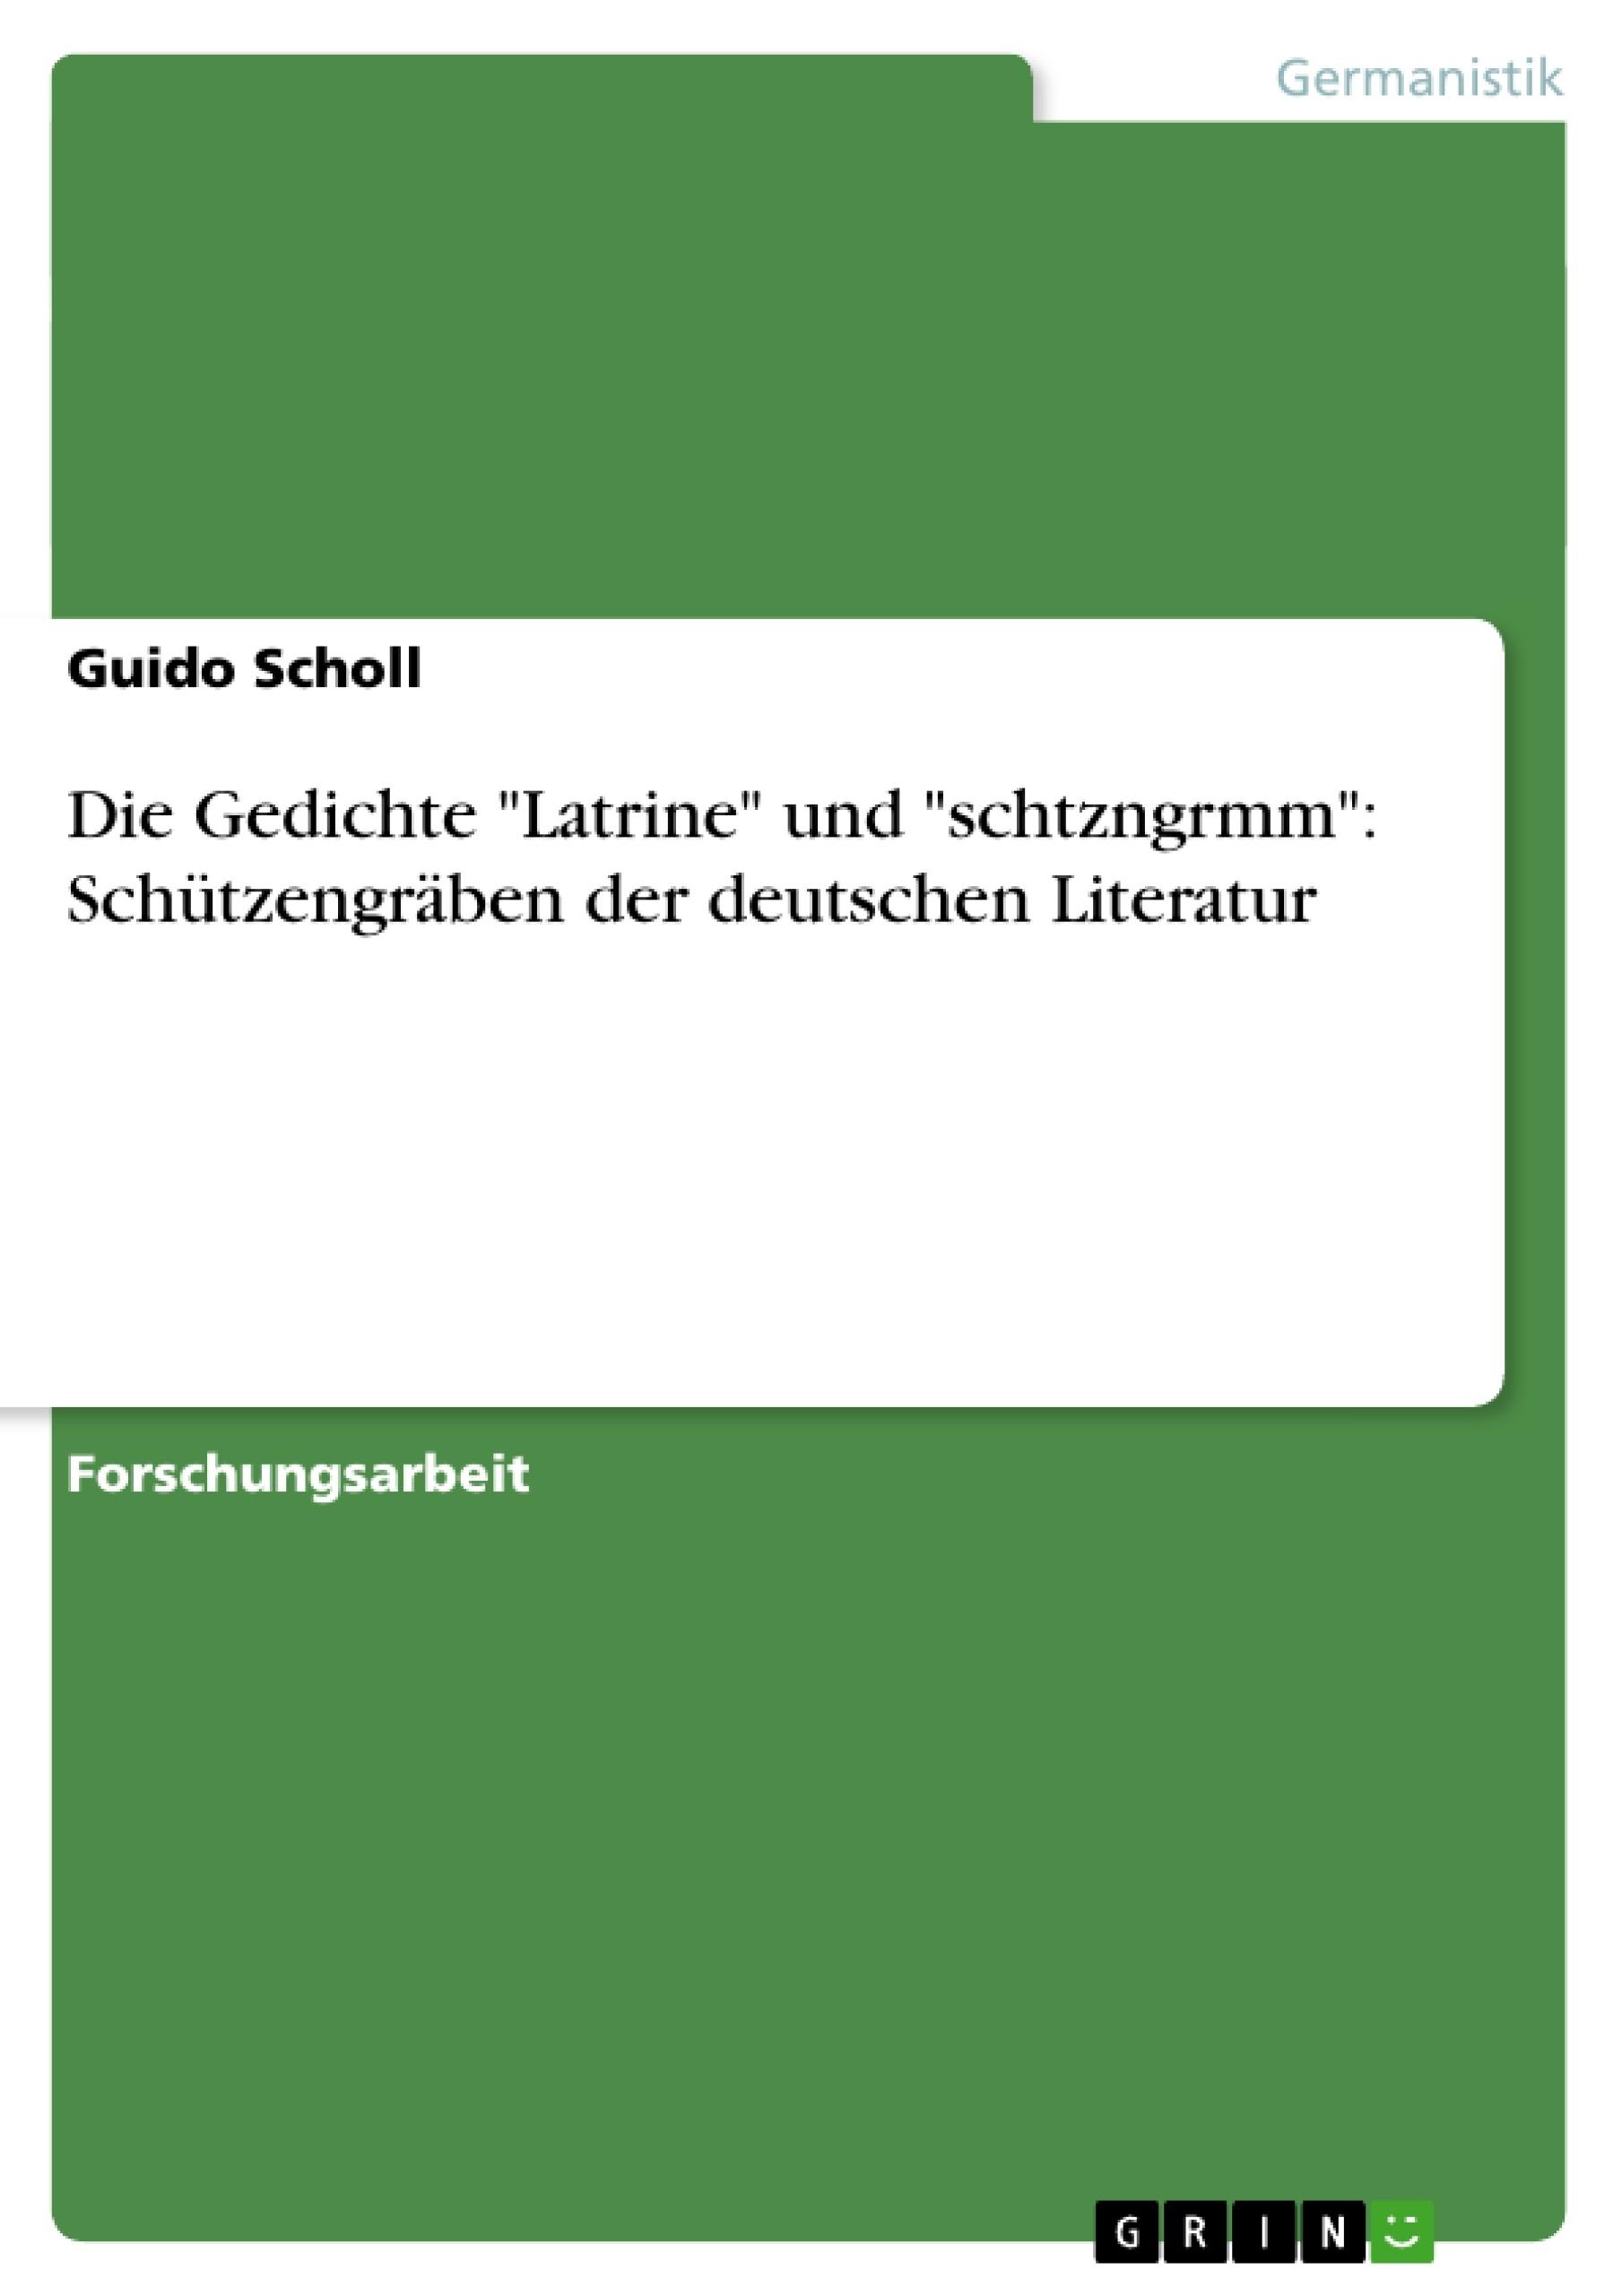 """Titel: Die Gedichte """"Latrine"""" und """"schtzngrmm"""": Schützengräben der deutschen Literatur"""